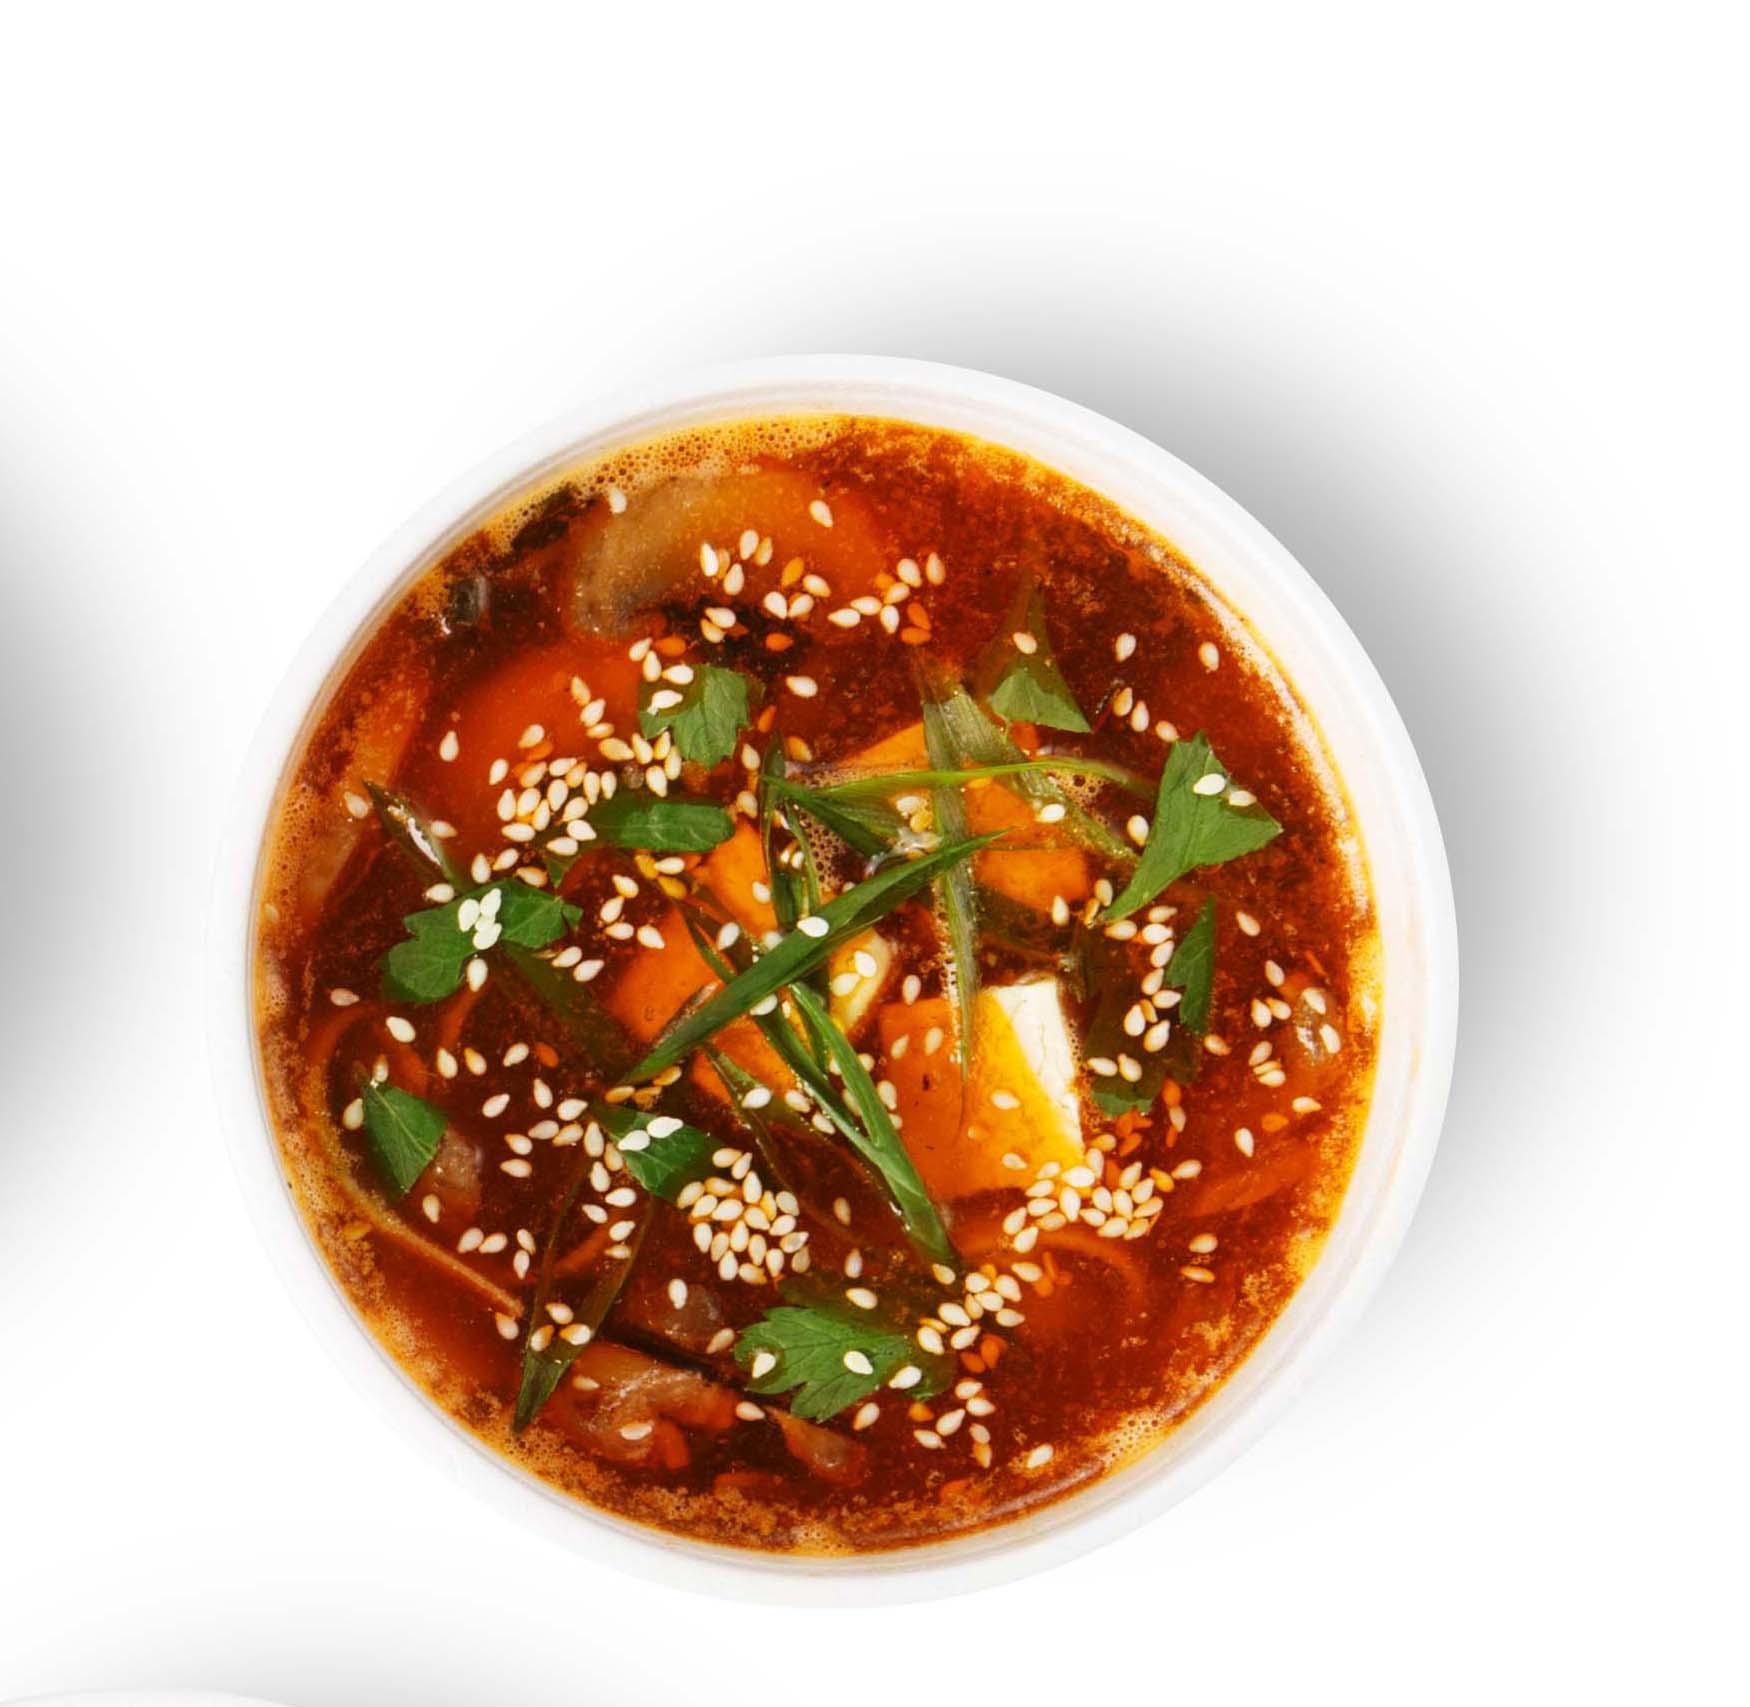 Китайский овощной суп Чжоу Шэньчжэнь